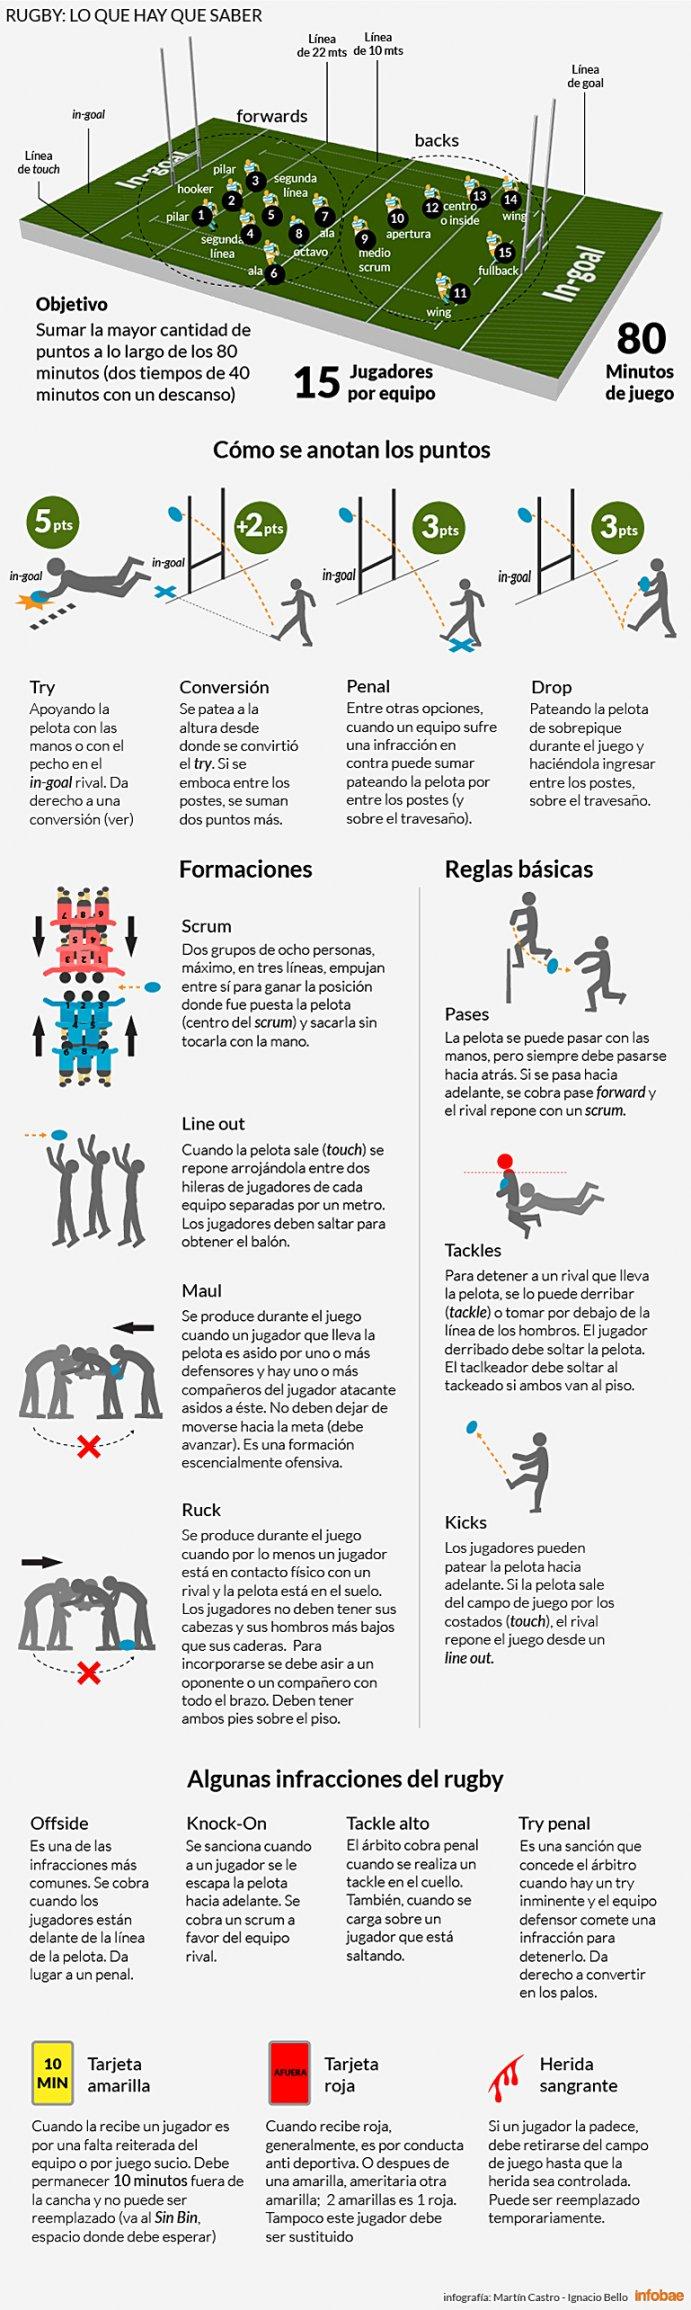 Se viene el mundial de Rugby, lo que tenes que saber